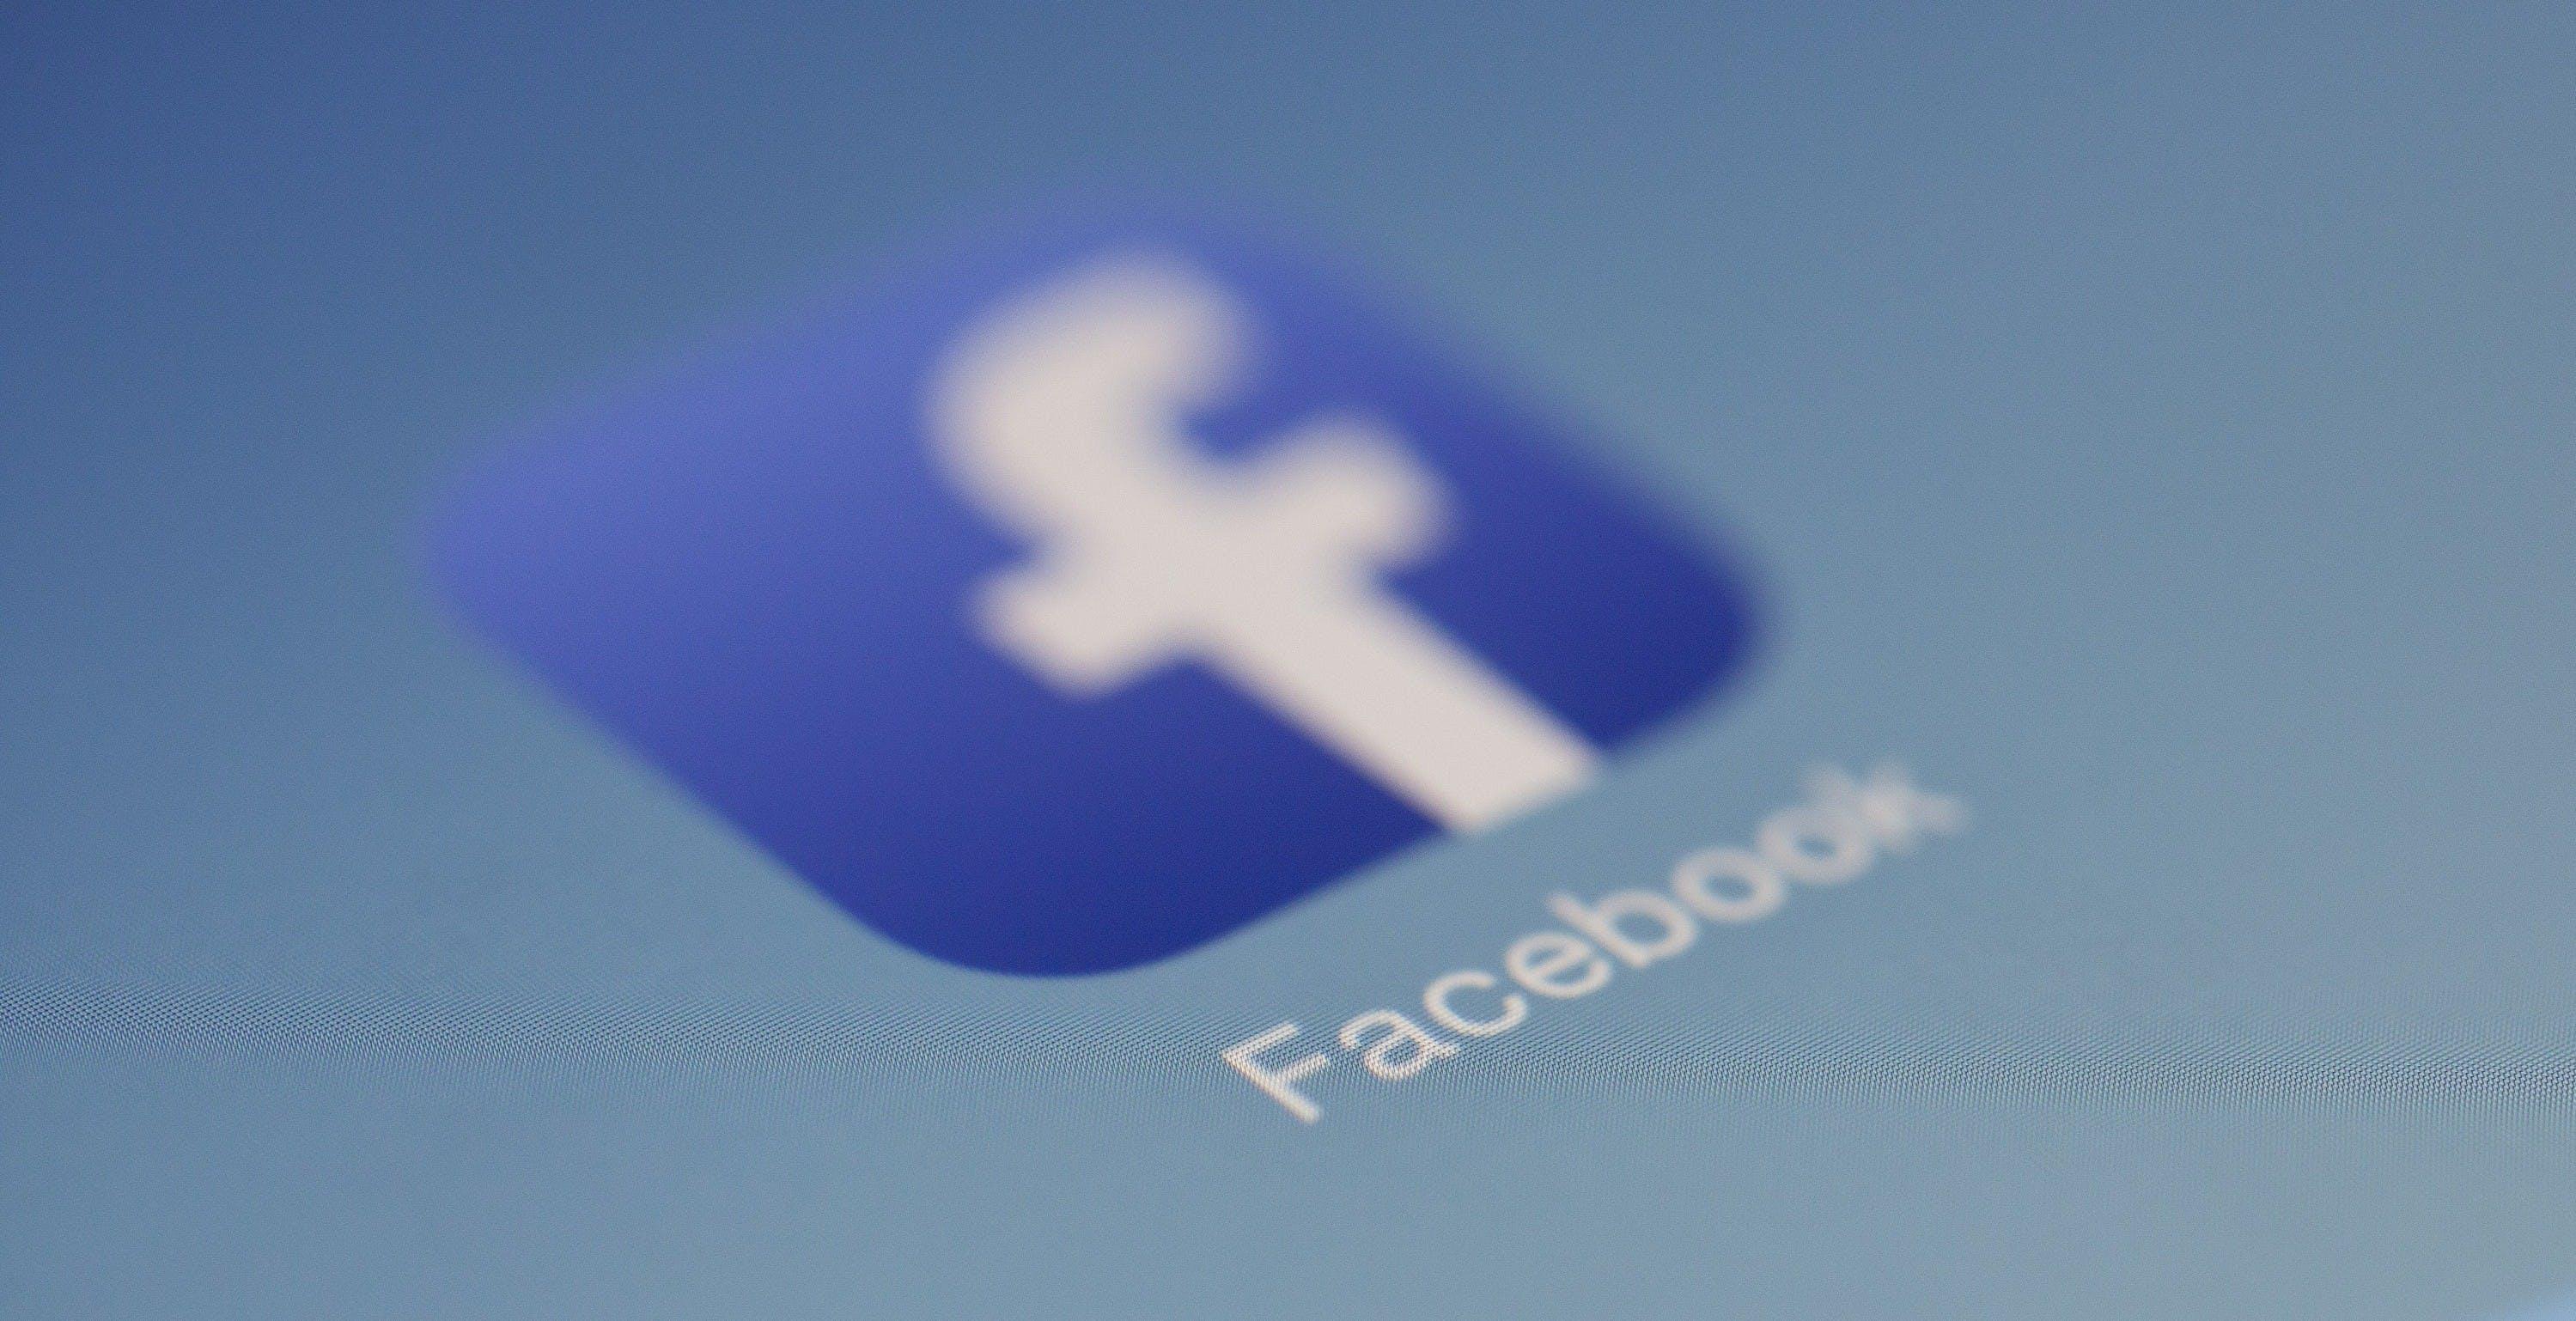 Il feed di Facebook ha molti problemi e la società vuole sistemarlo: gli utenti decideranno chi può commentare